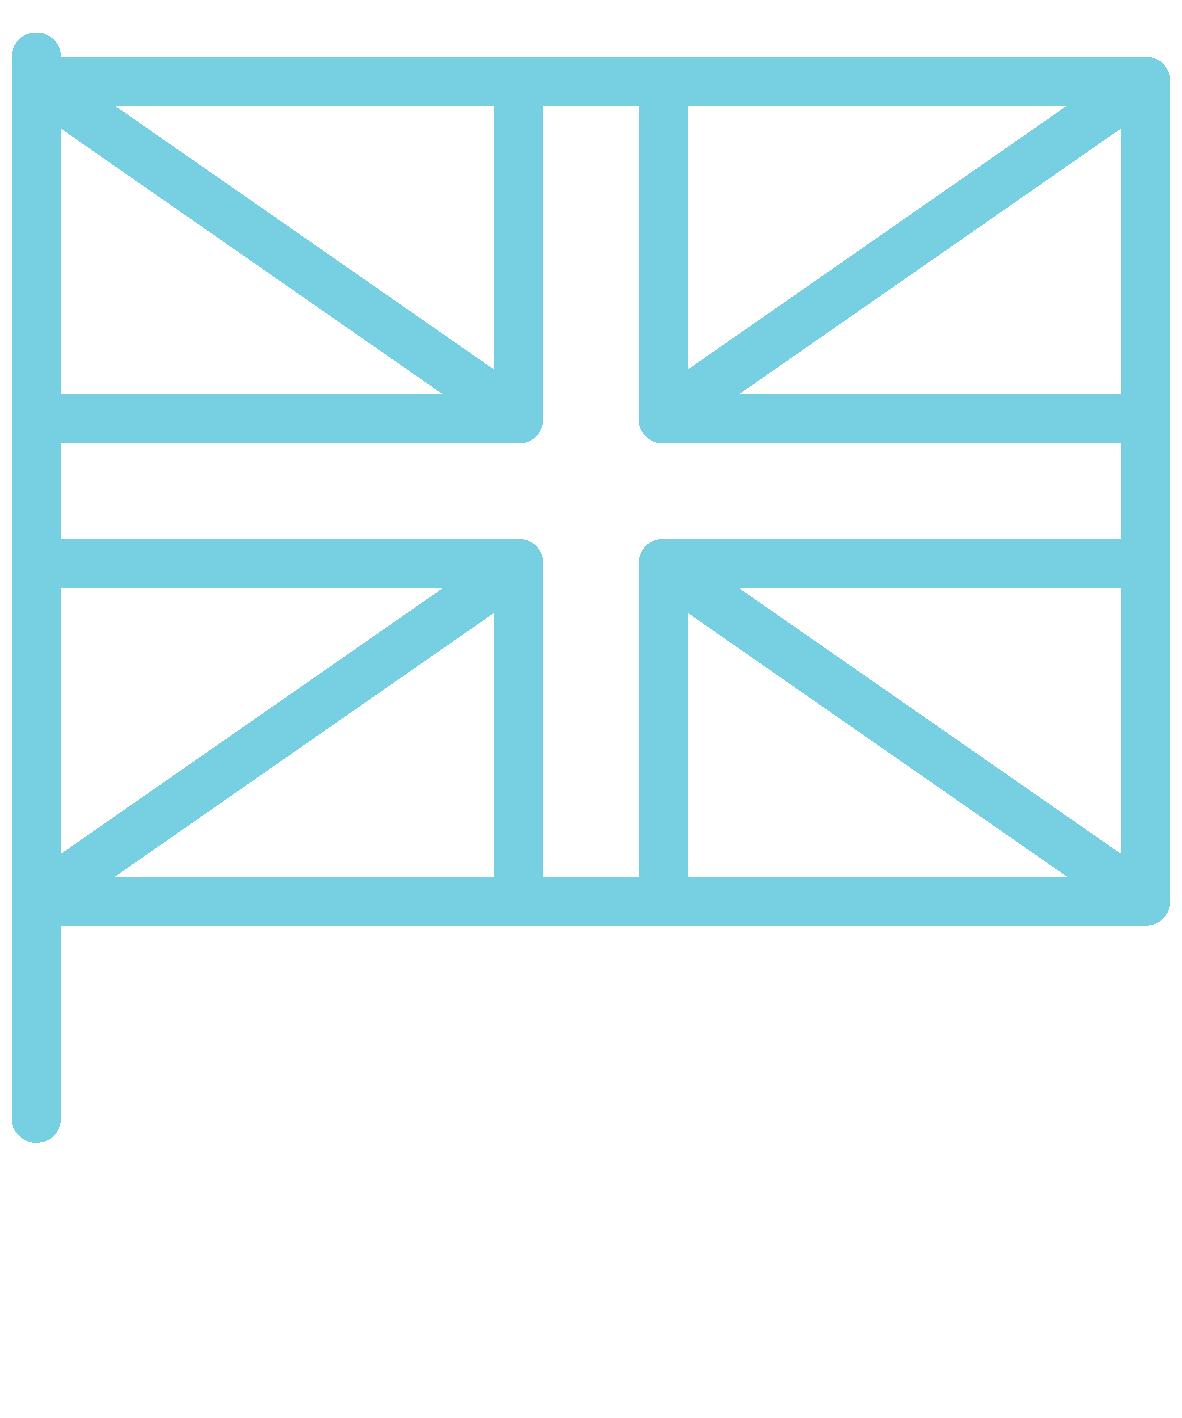 THE ISTRUCTE UK